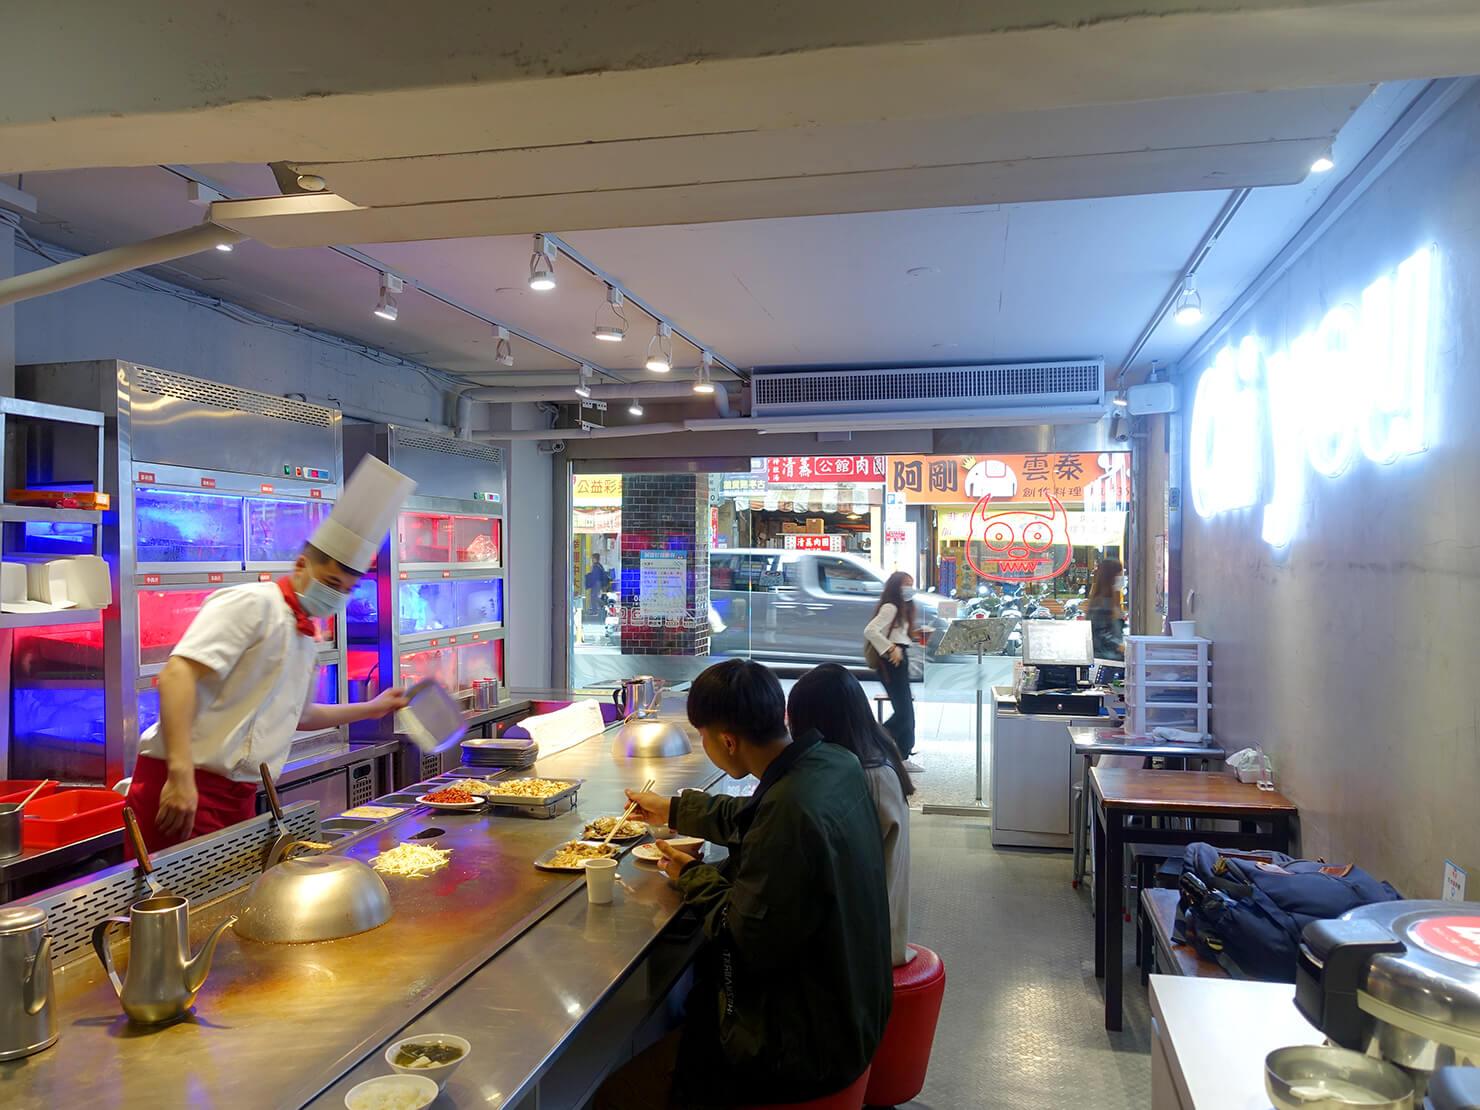 台北・公館夜市のおすすめグルメ店「喫尤平價鐵板燒」の店内